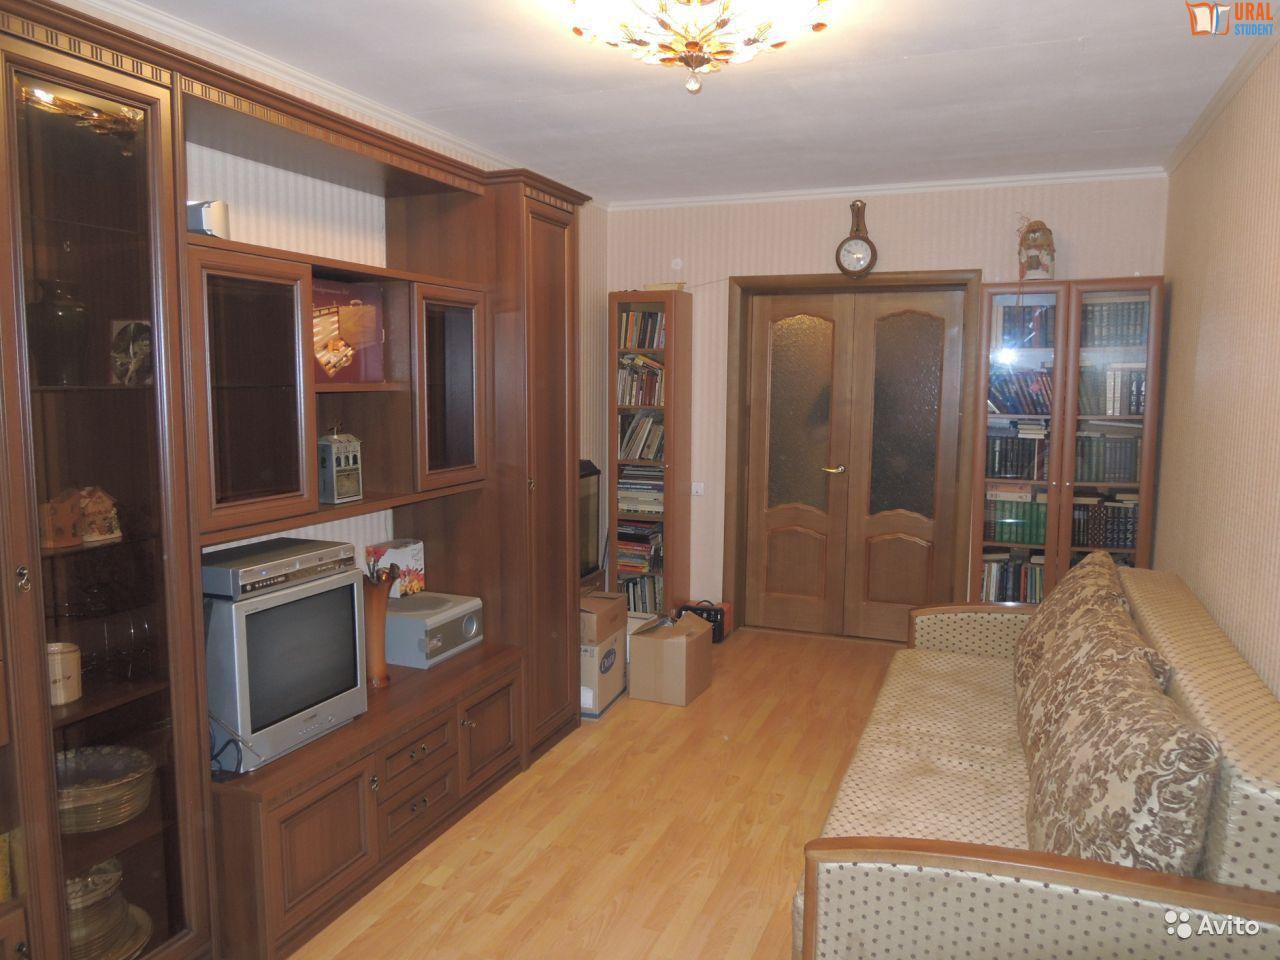 Продается 2-комнатная квартира в ростове-на-дону в районе зж.